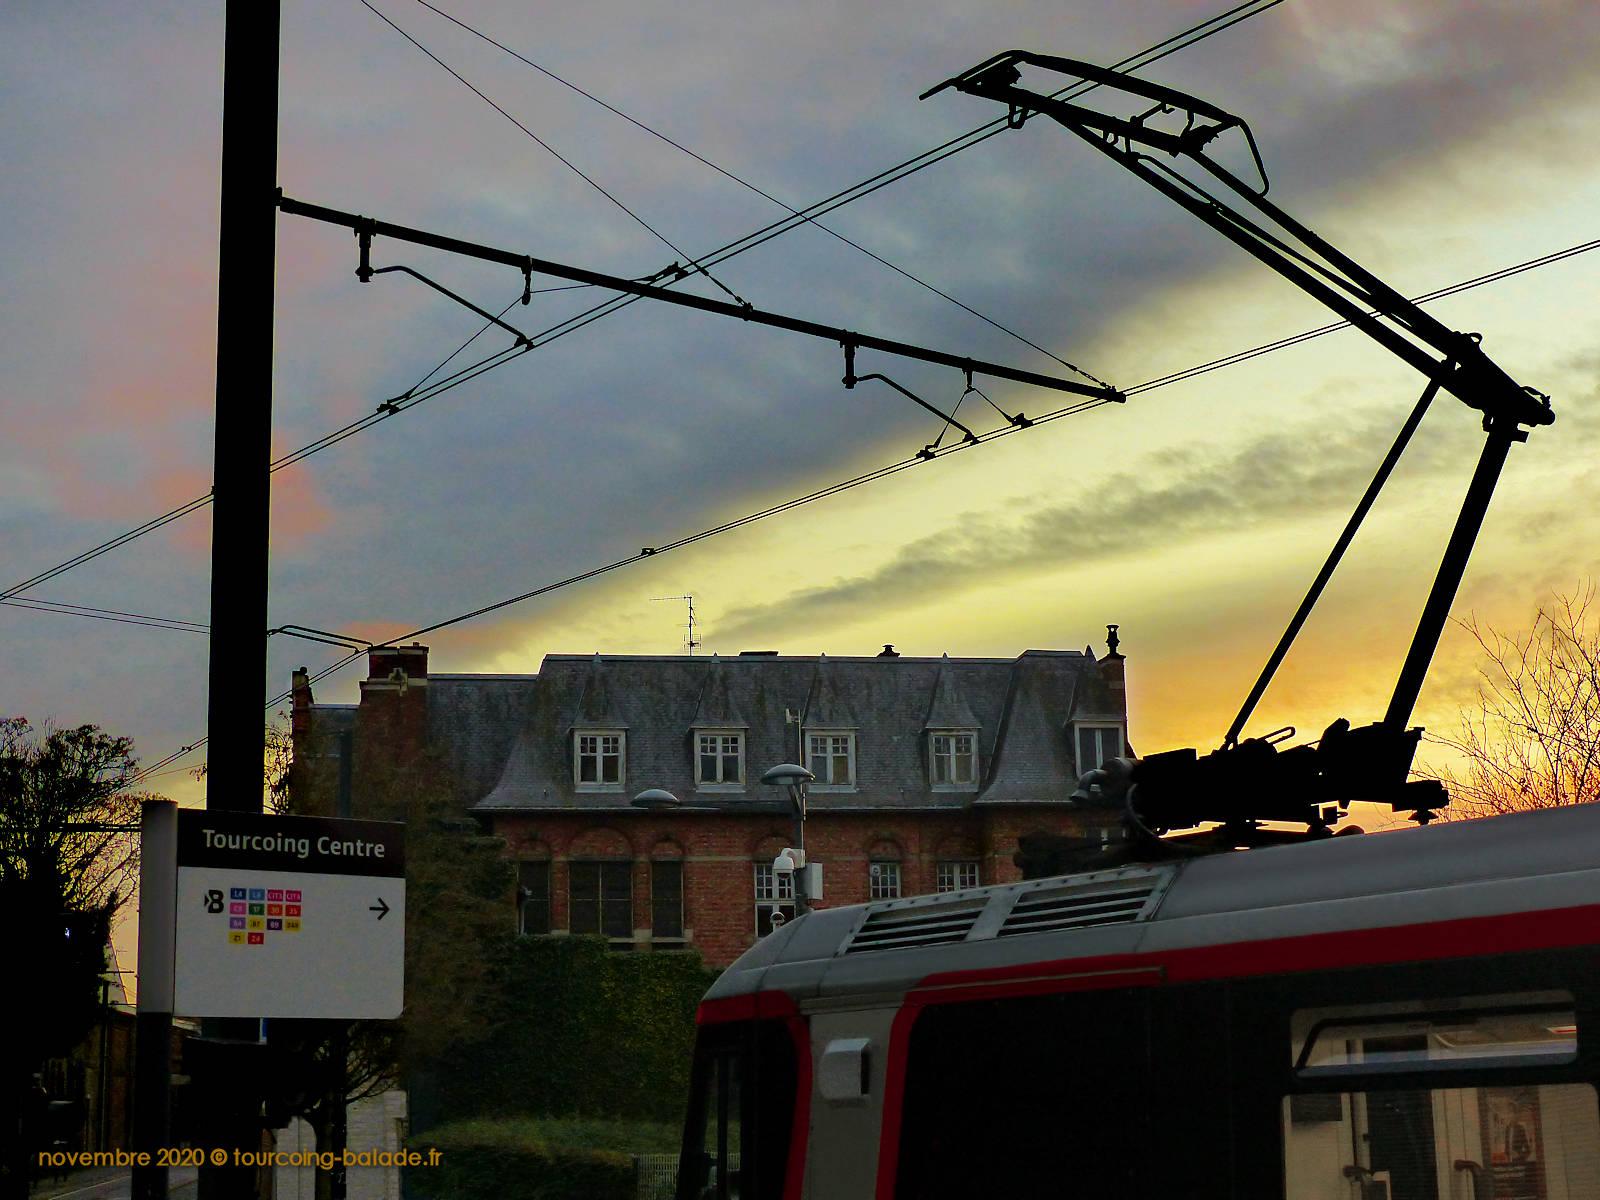 Tramway Tourcoing, 2020